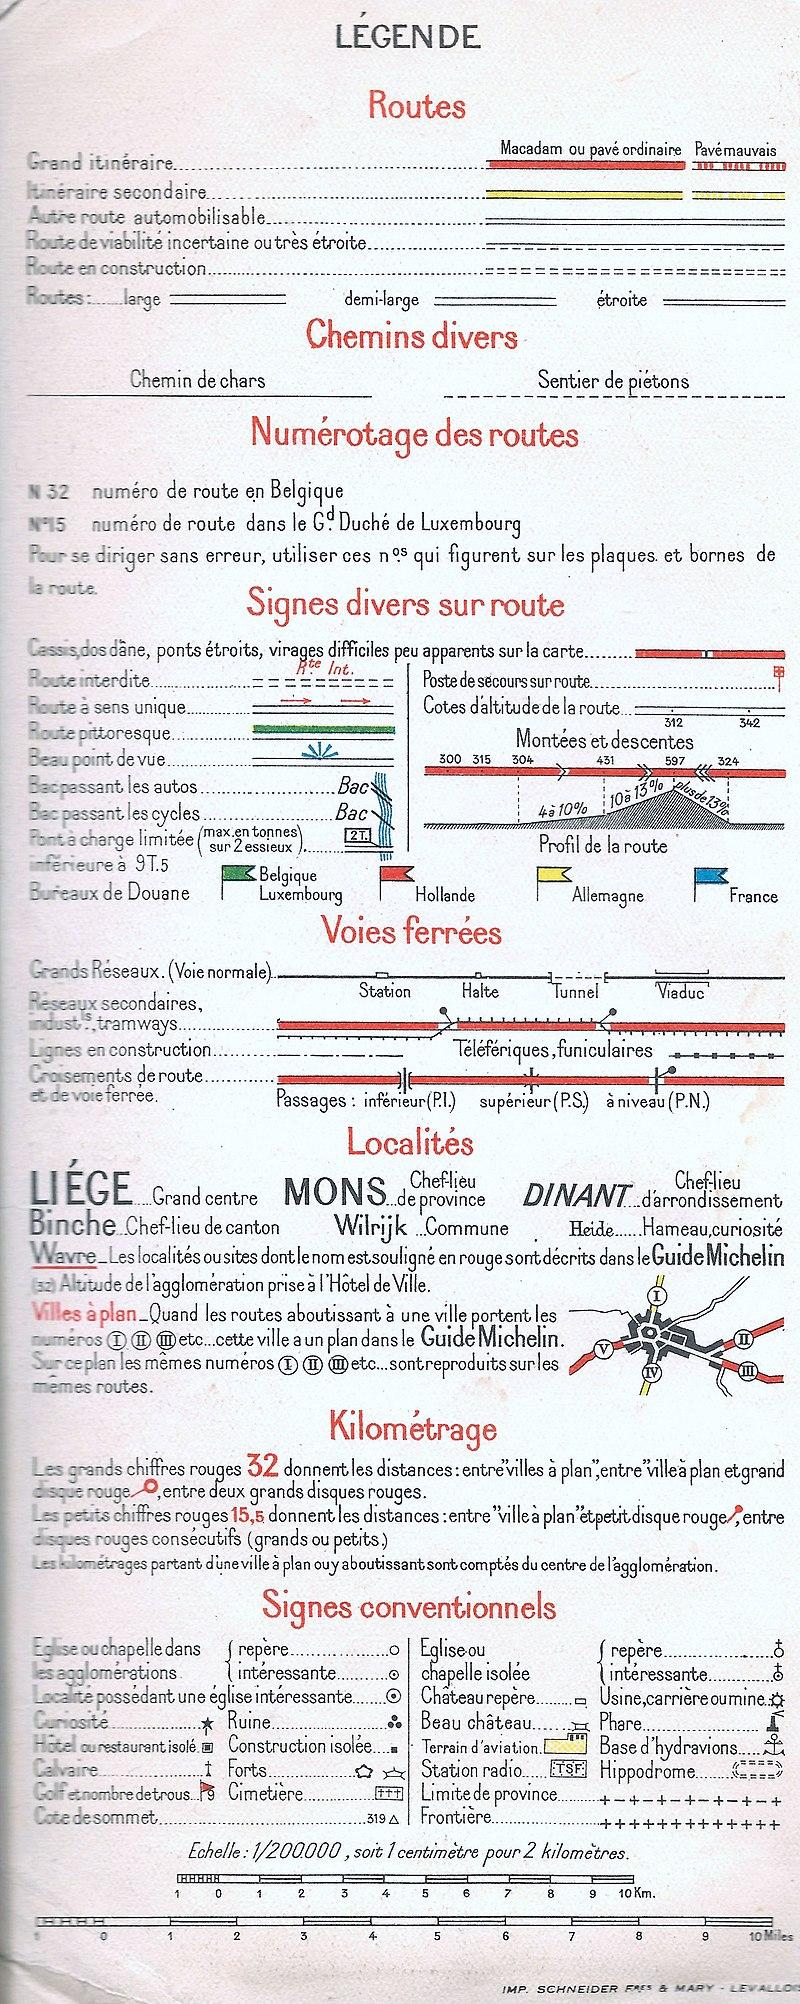 Legenda Michelin kaart 1940.jpg